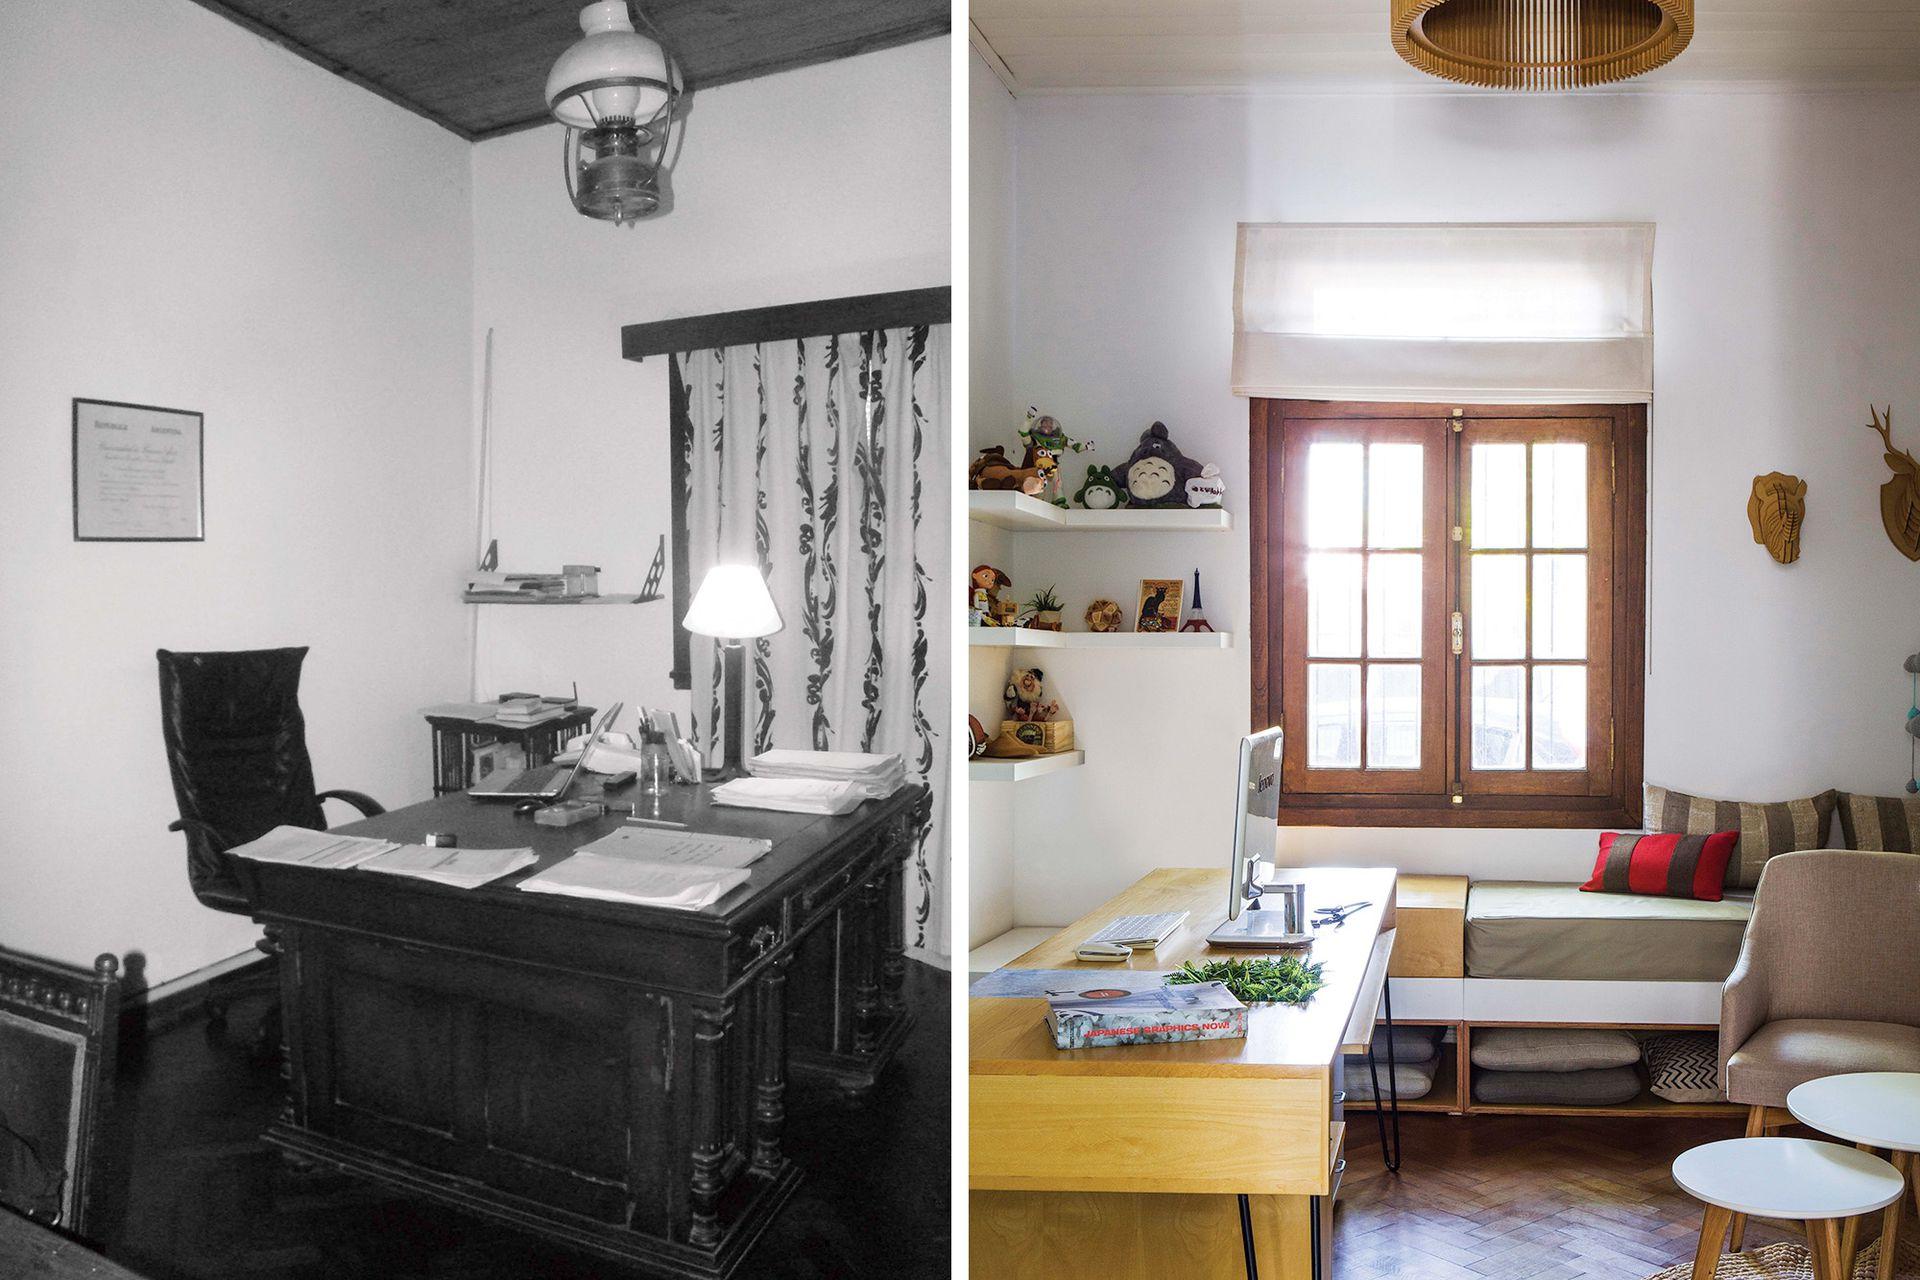 ANTES: Estos ambientes tenían piso de parquet, cielos rasos y aberturas de madera. DESPUÉS: Las ventanas se reemplazaron por antiguos ventanales de madera maciza.